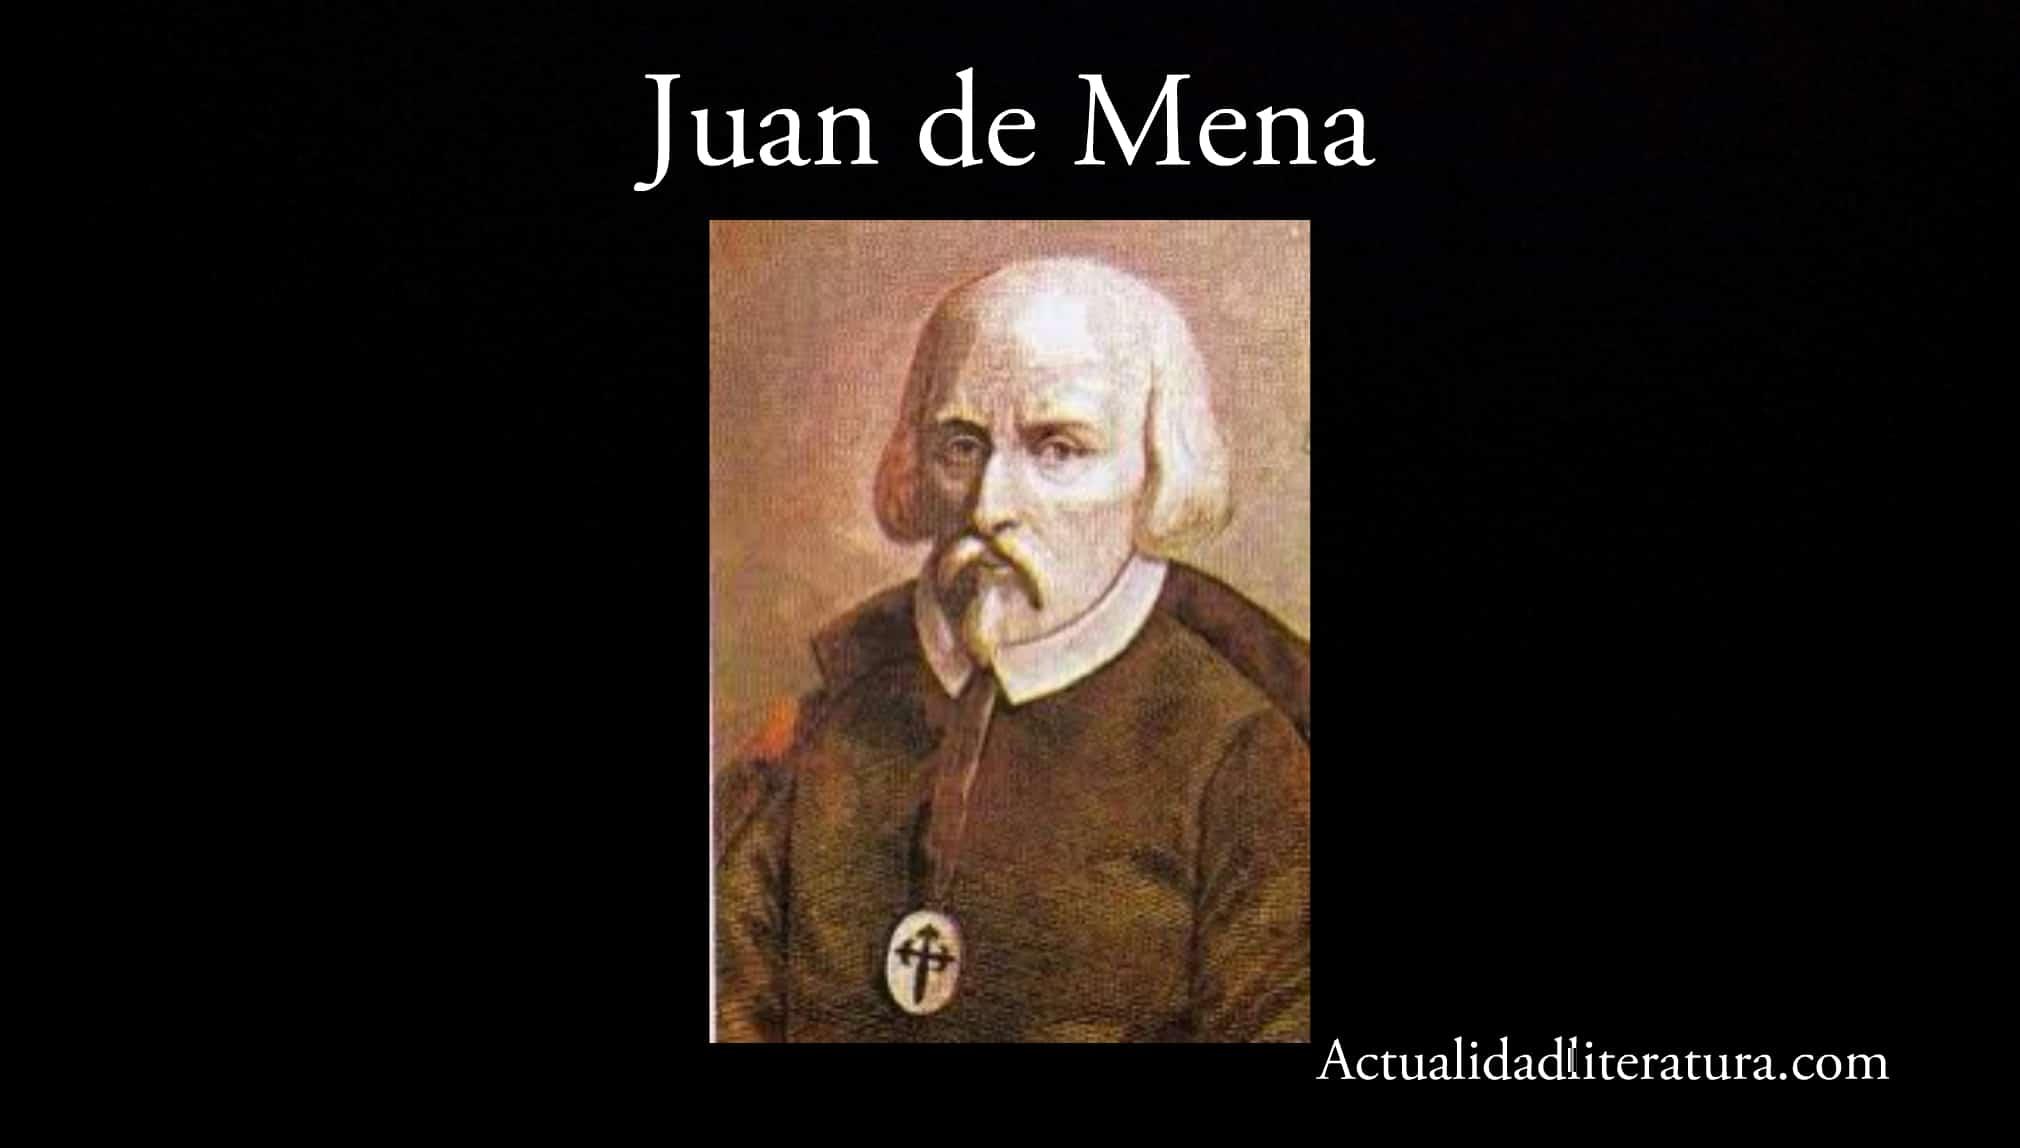 Juan de Mena.